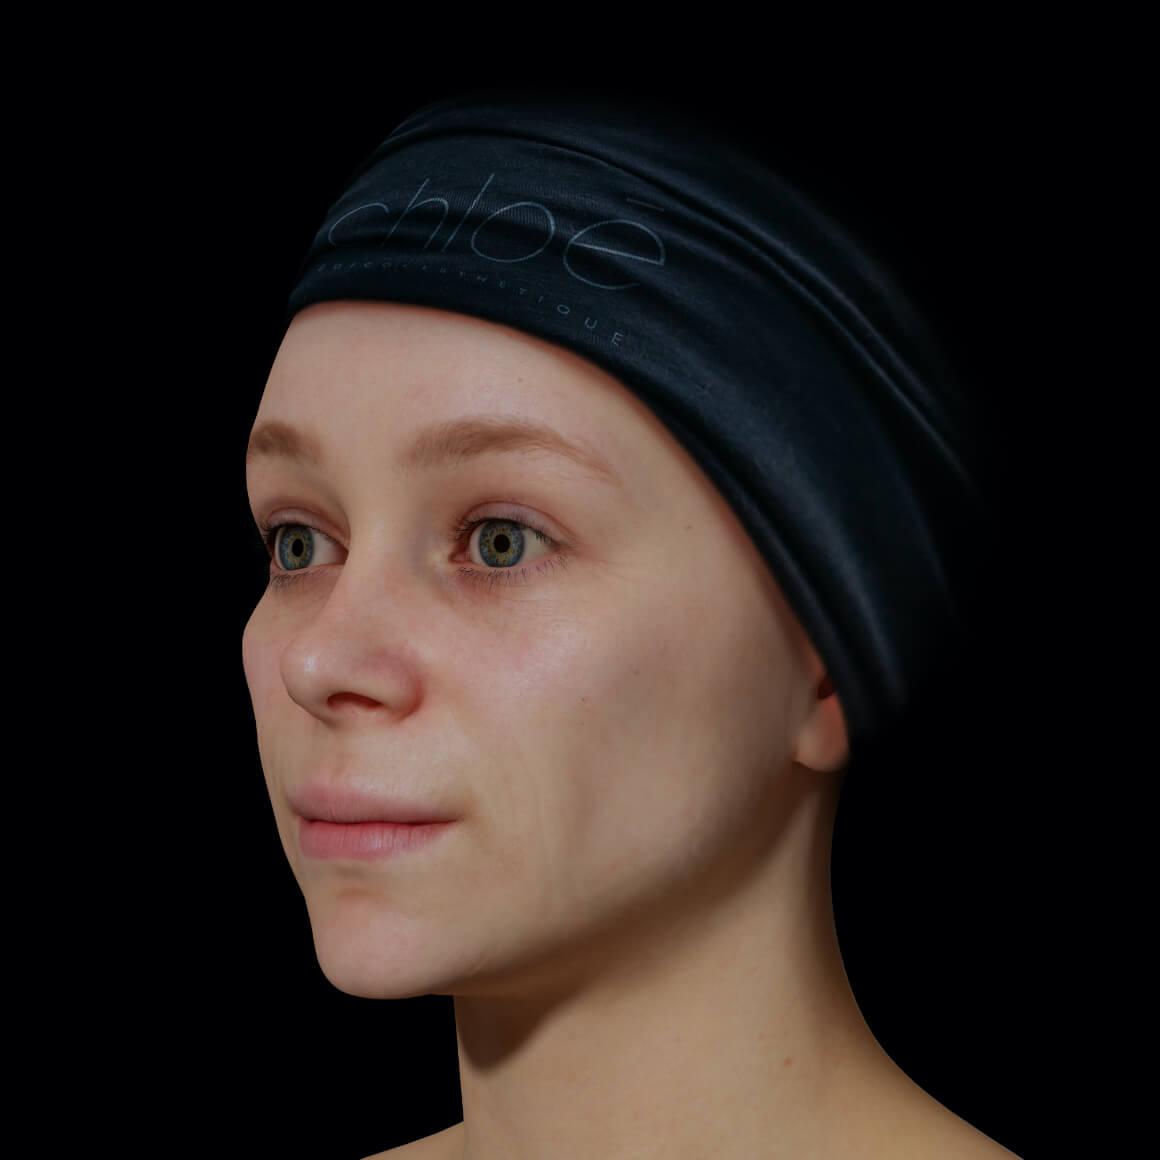 Une patiente de la Clinique Chloé en angle après des traitements de photorajeunissement à la lumière intense pulsée, ou IPL